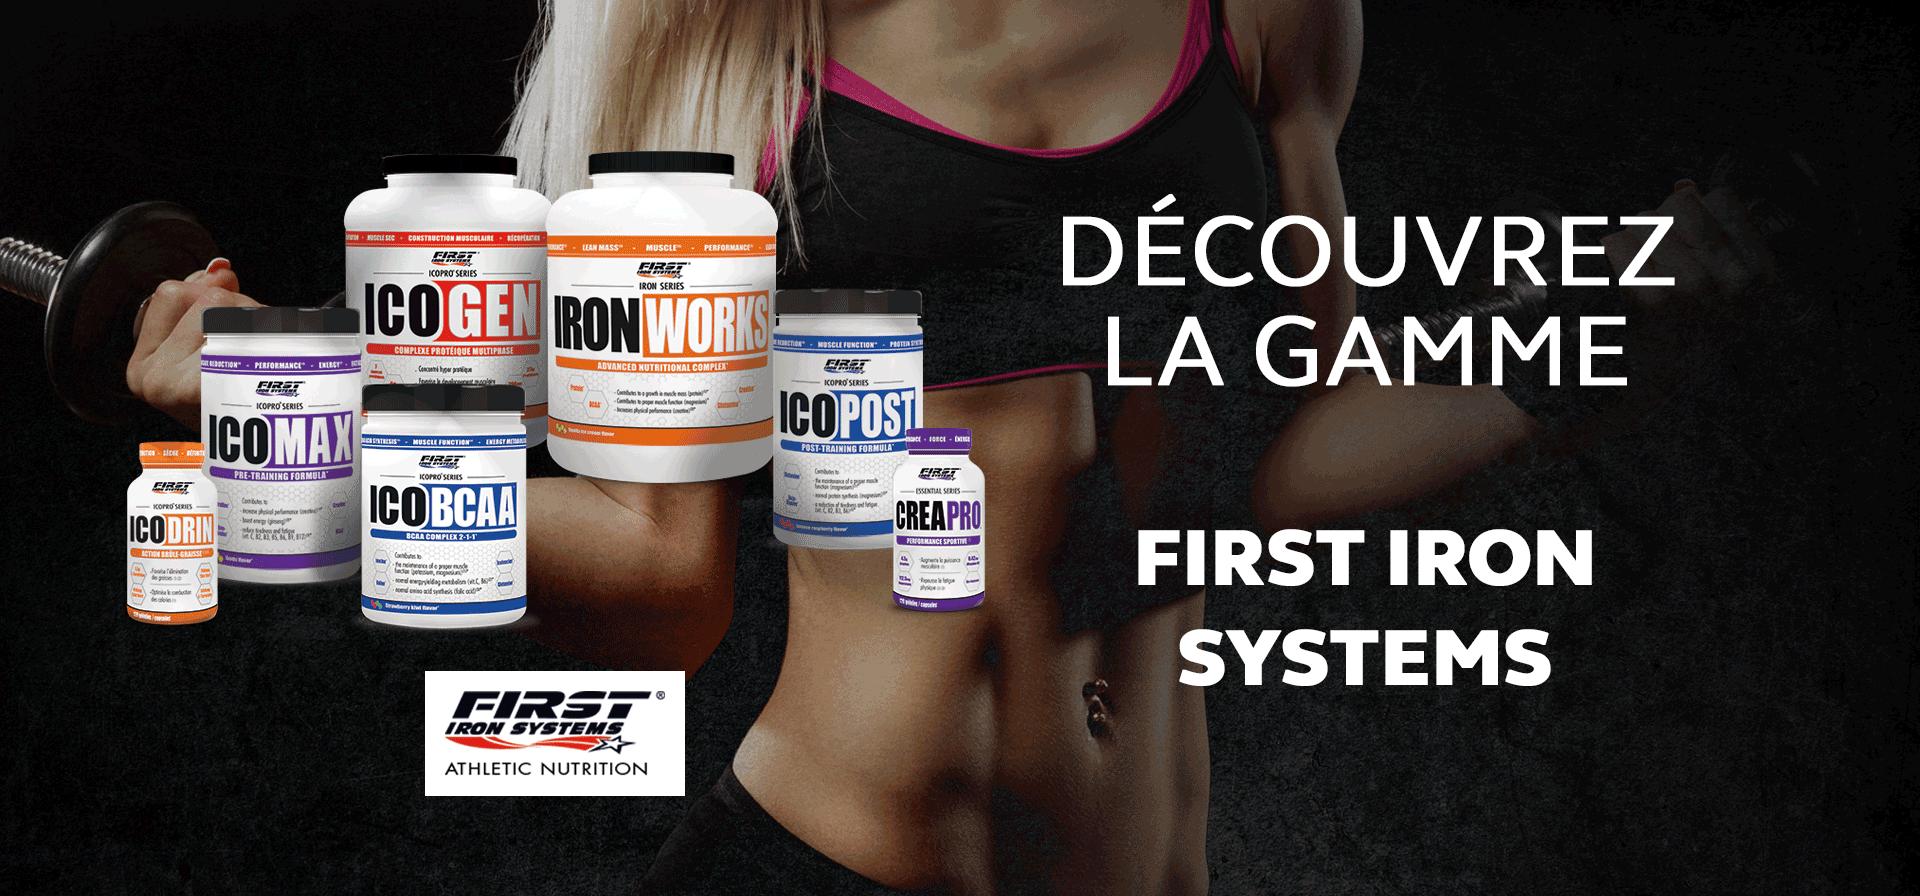 Découvrez notre gamme exclusive de produits de nutrition sportive First Iron Systems